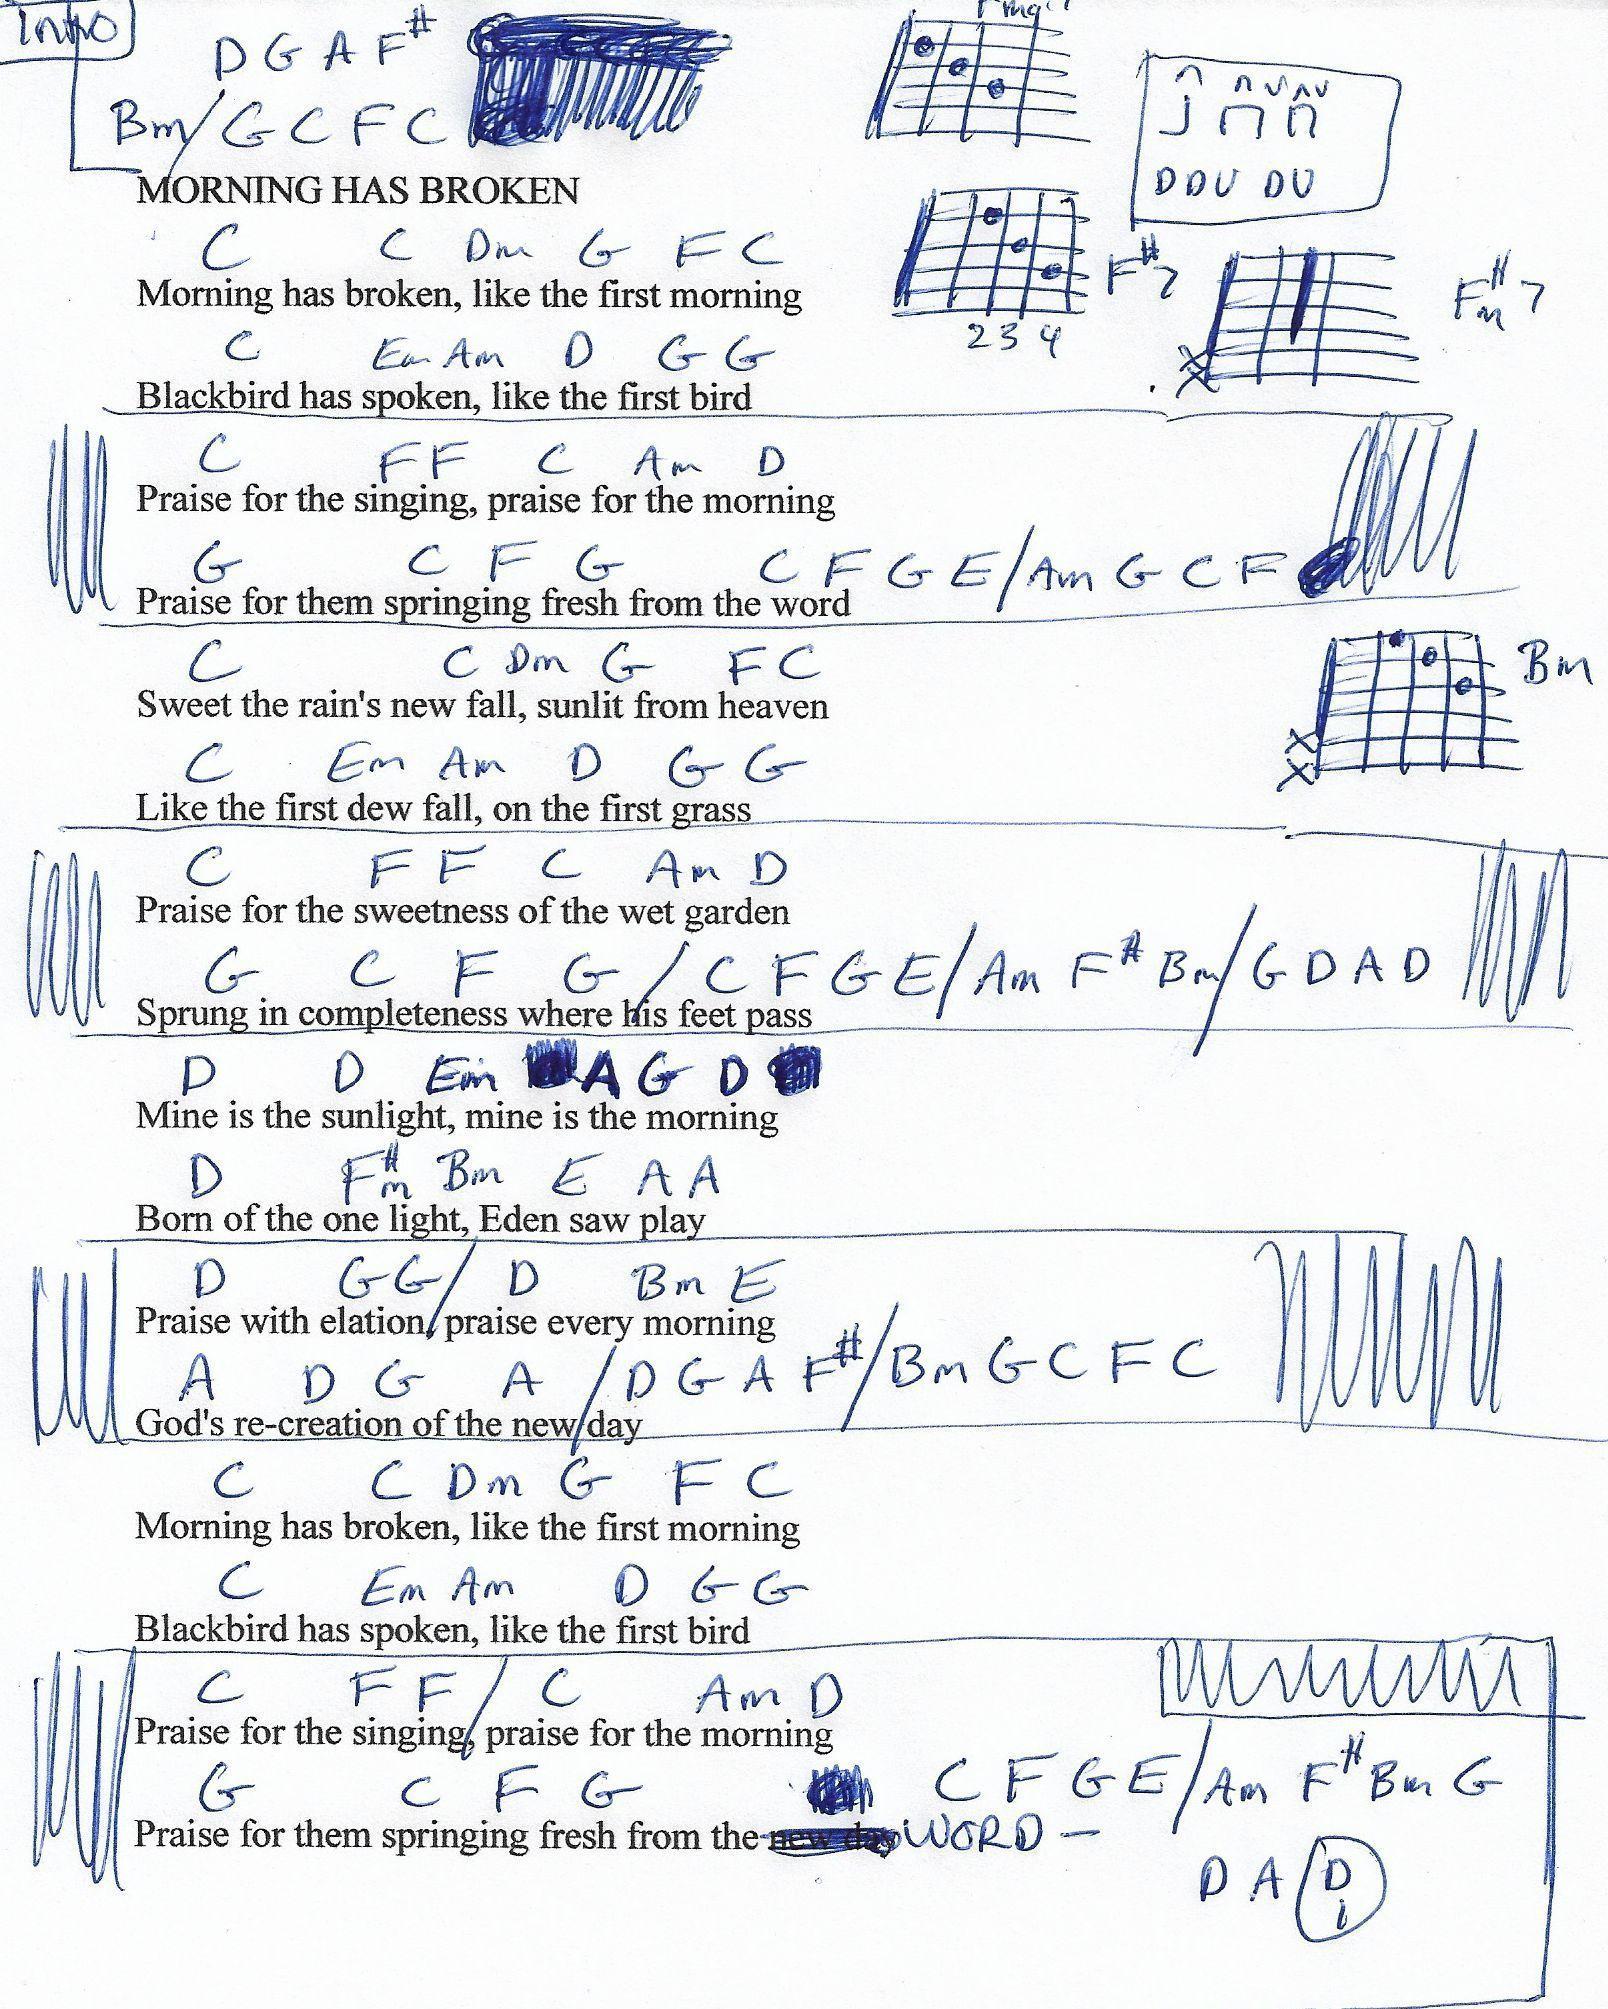 Morning Has Broken Cat Stevens Guitar Chord Chart Lyrics Music